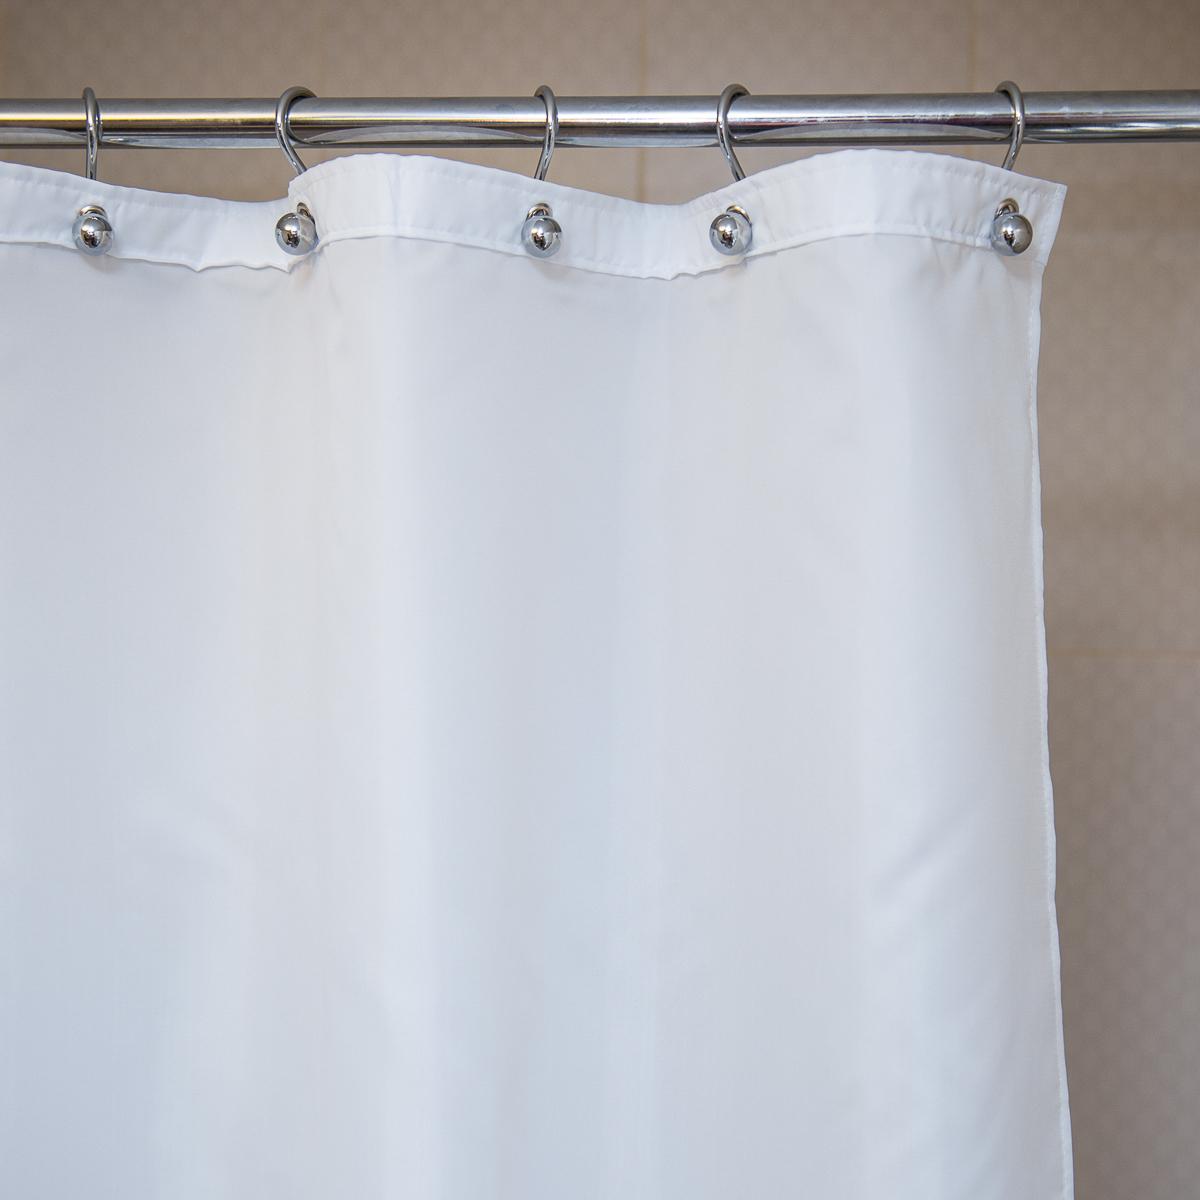 Шторки Защитная шторка для ванной 180х200 Arti-Deco Liso White zaschitnaya-shtorka-dlya-vannoy-200h240-liso-white-ot-arti-deco-ispaniya.jpg